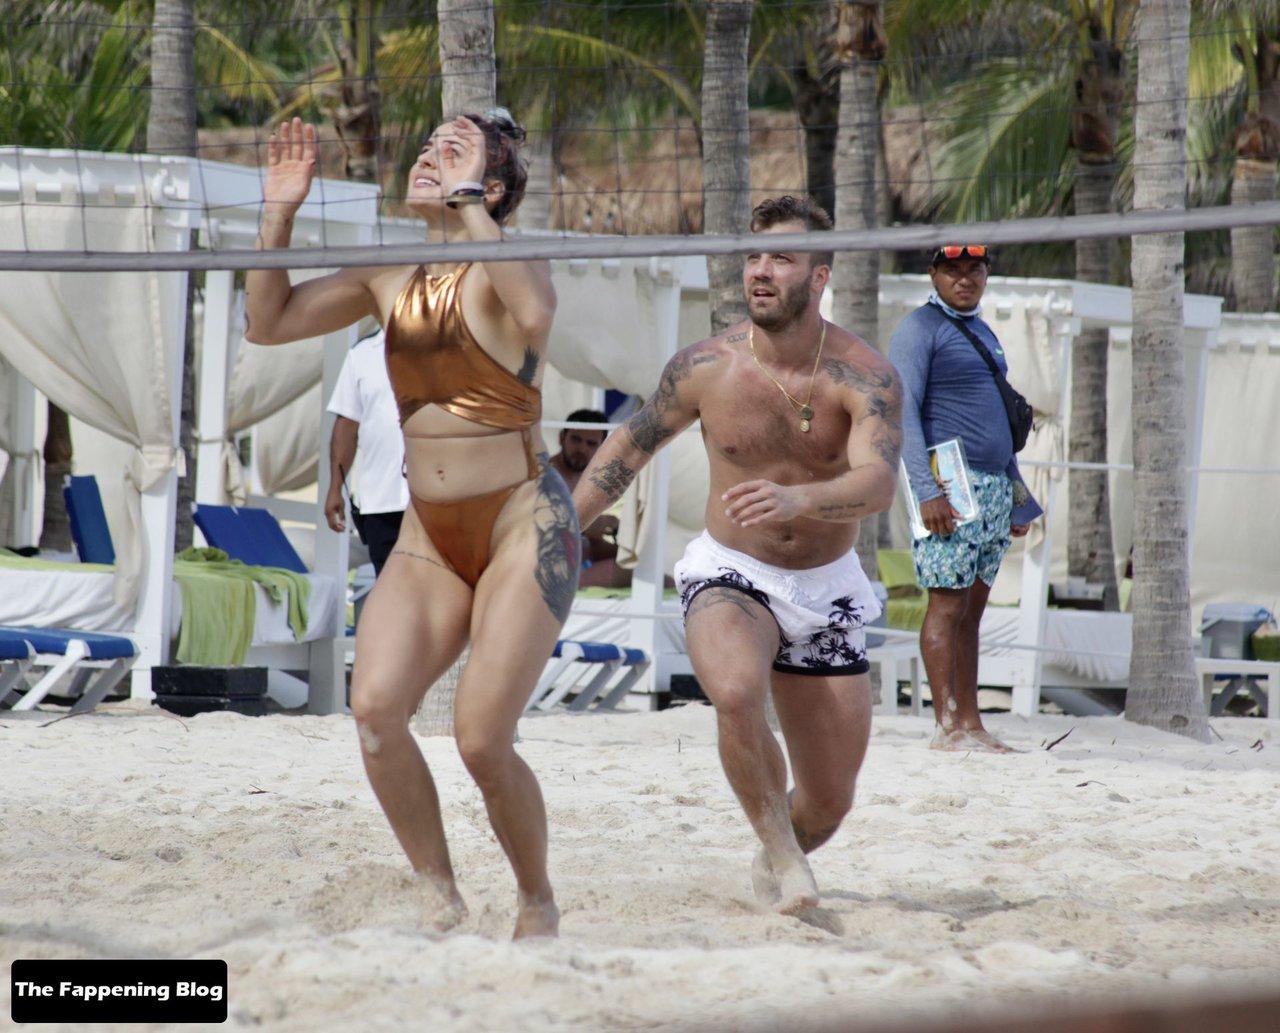 Cara Maria Sorbello on Beach 3